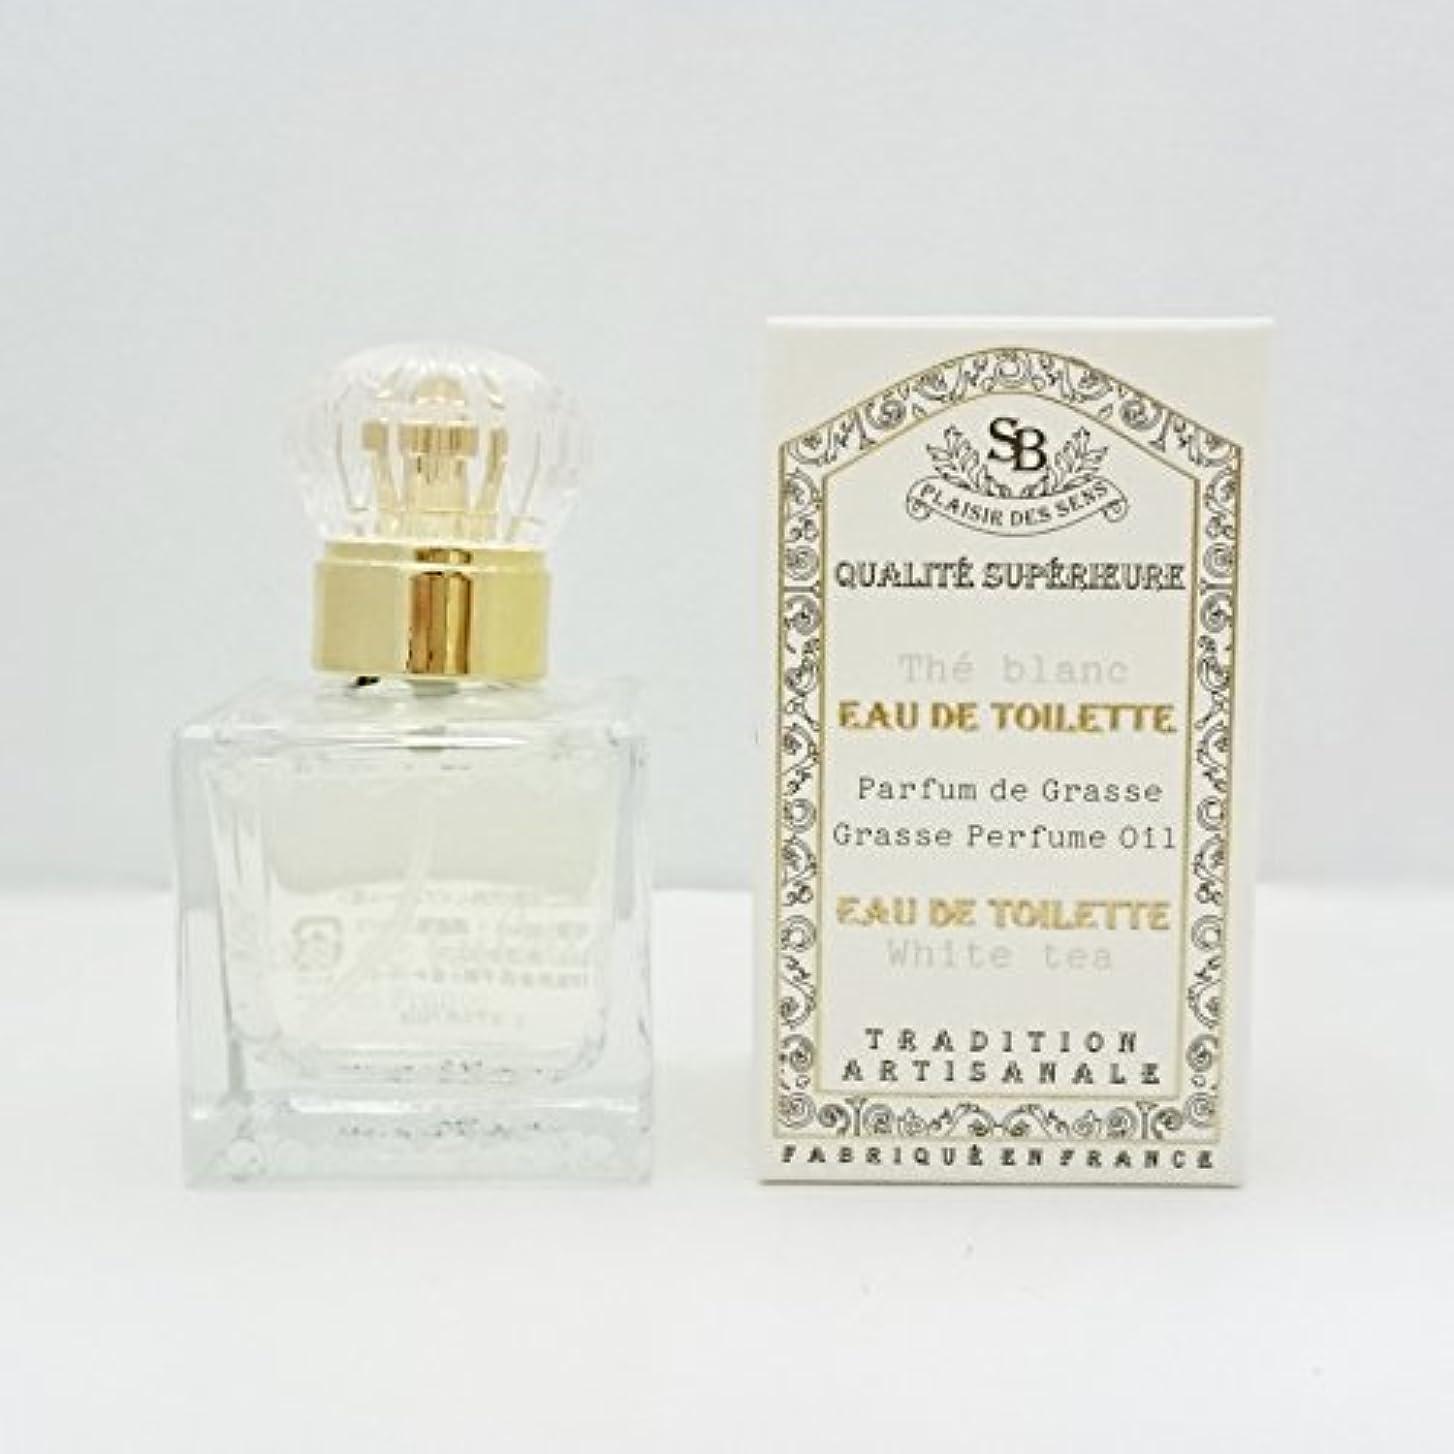 ネット講堂絞るSenteur et Beaute(サンタールエボーテ) フレンチクラシックシリーズ オードトワレ 30ml 「ホワイトティー」 4994228021908